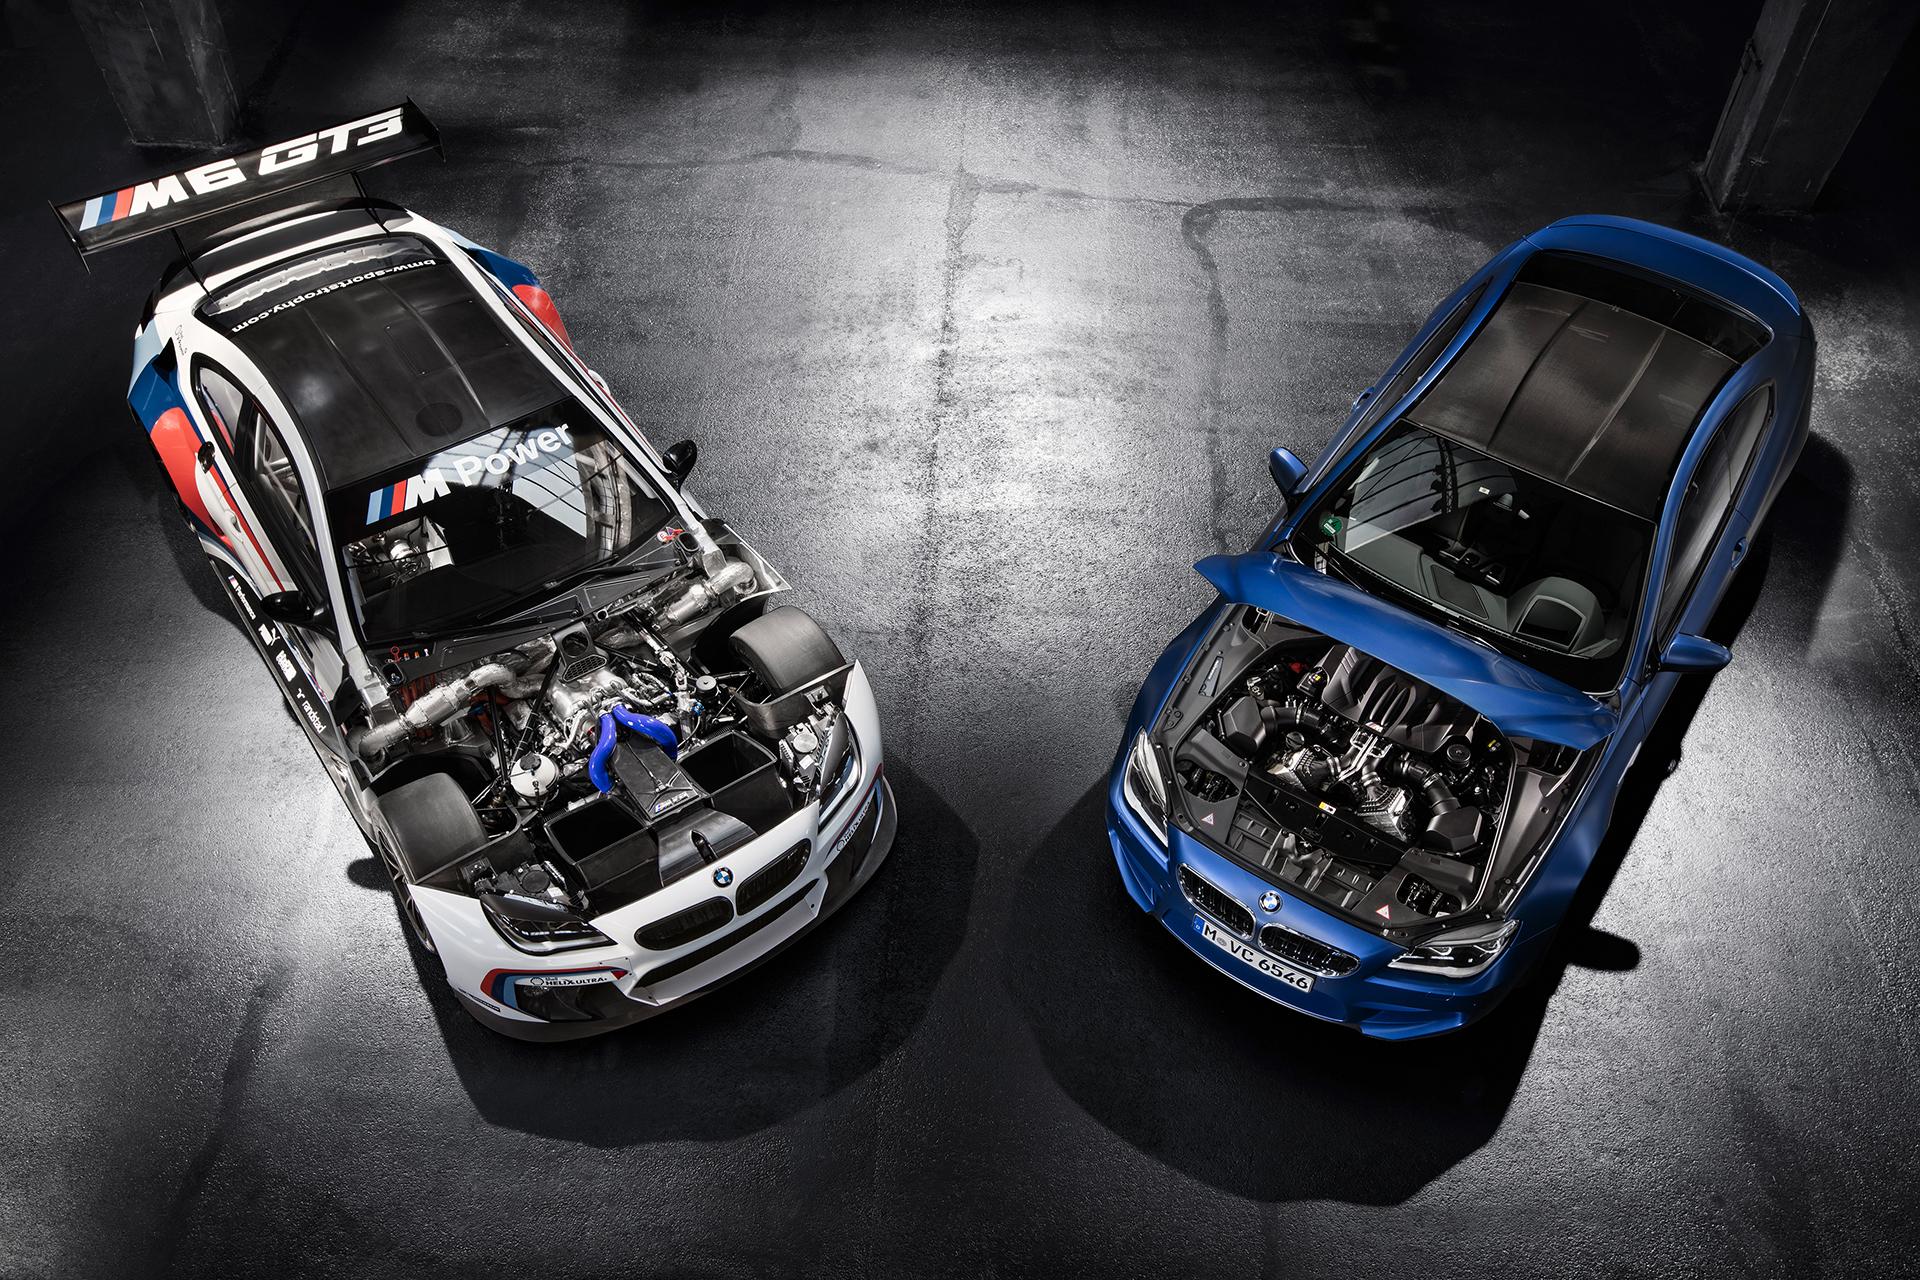 BMW M6 GT3 - 2016 - front / avant - engine  moteur - 2015 BMW M6